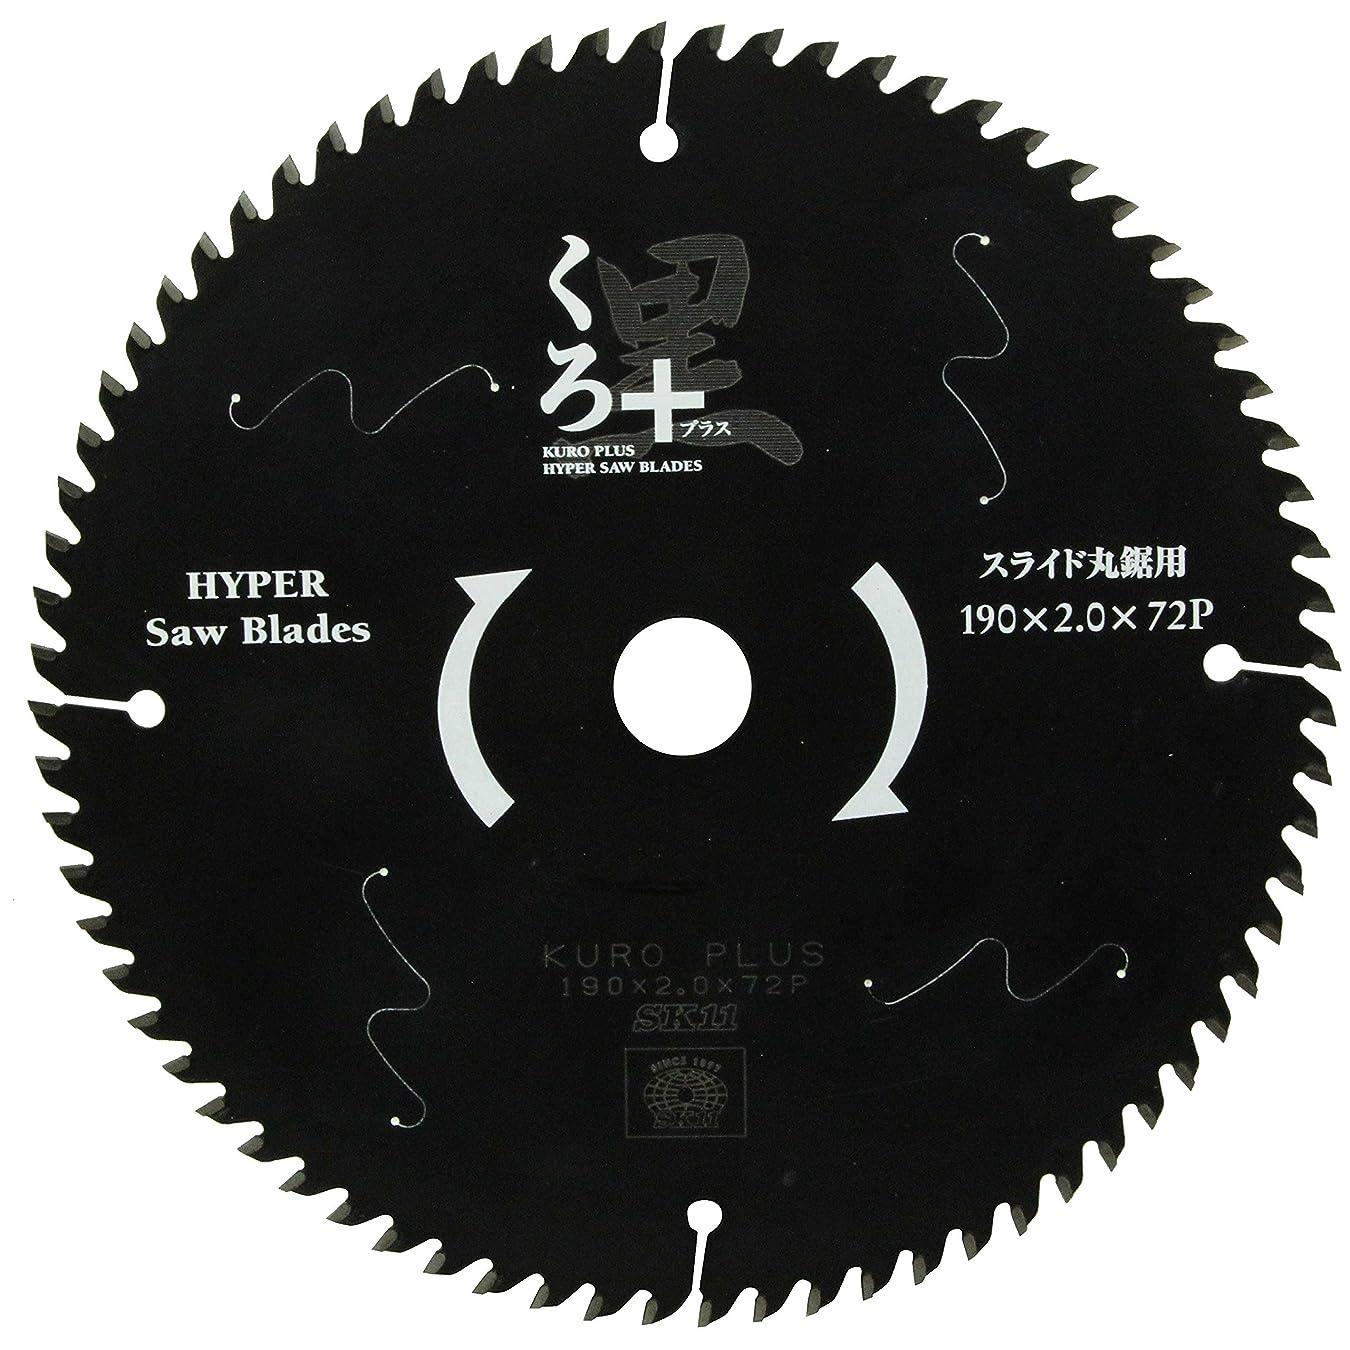 ペグコーラスに対応するSK11 木工用チップソー くろ フッ素レーザー スライド丸鋸用 190mm 190X72P